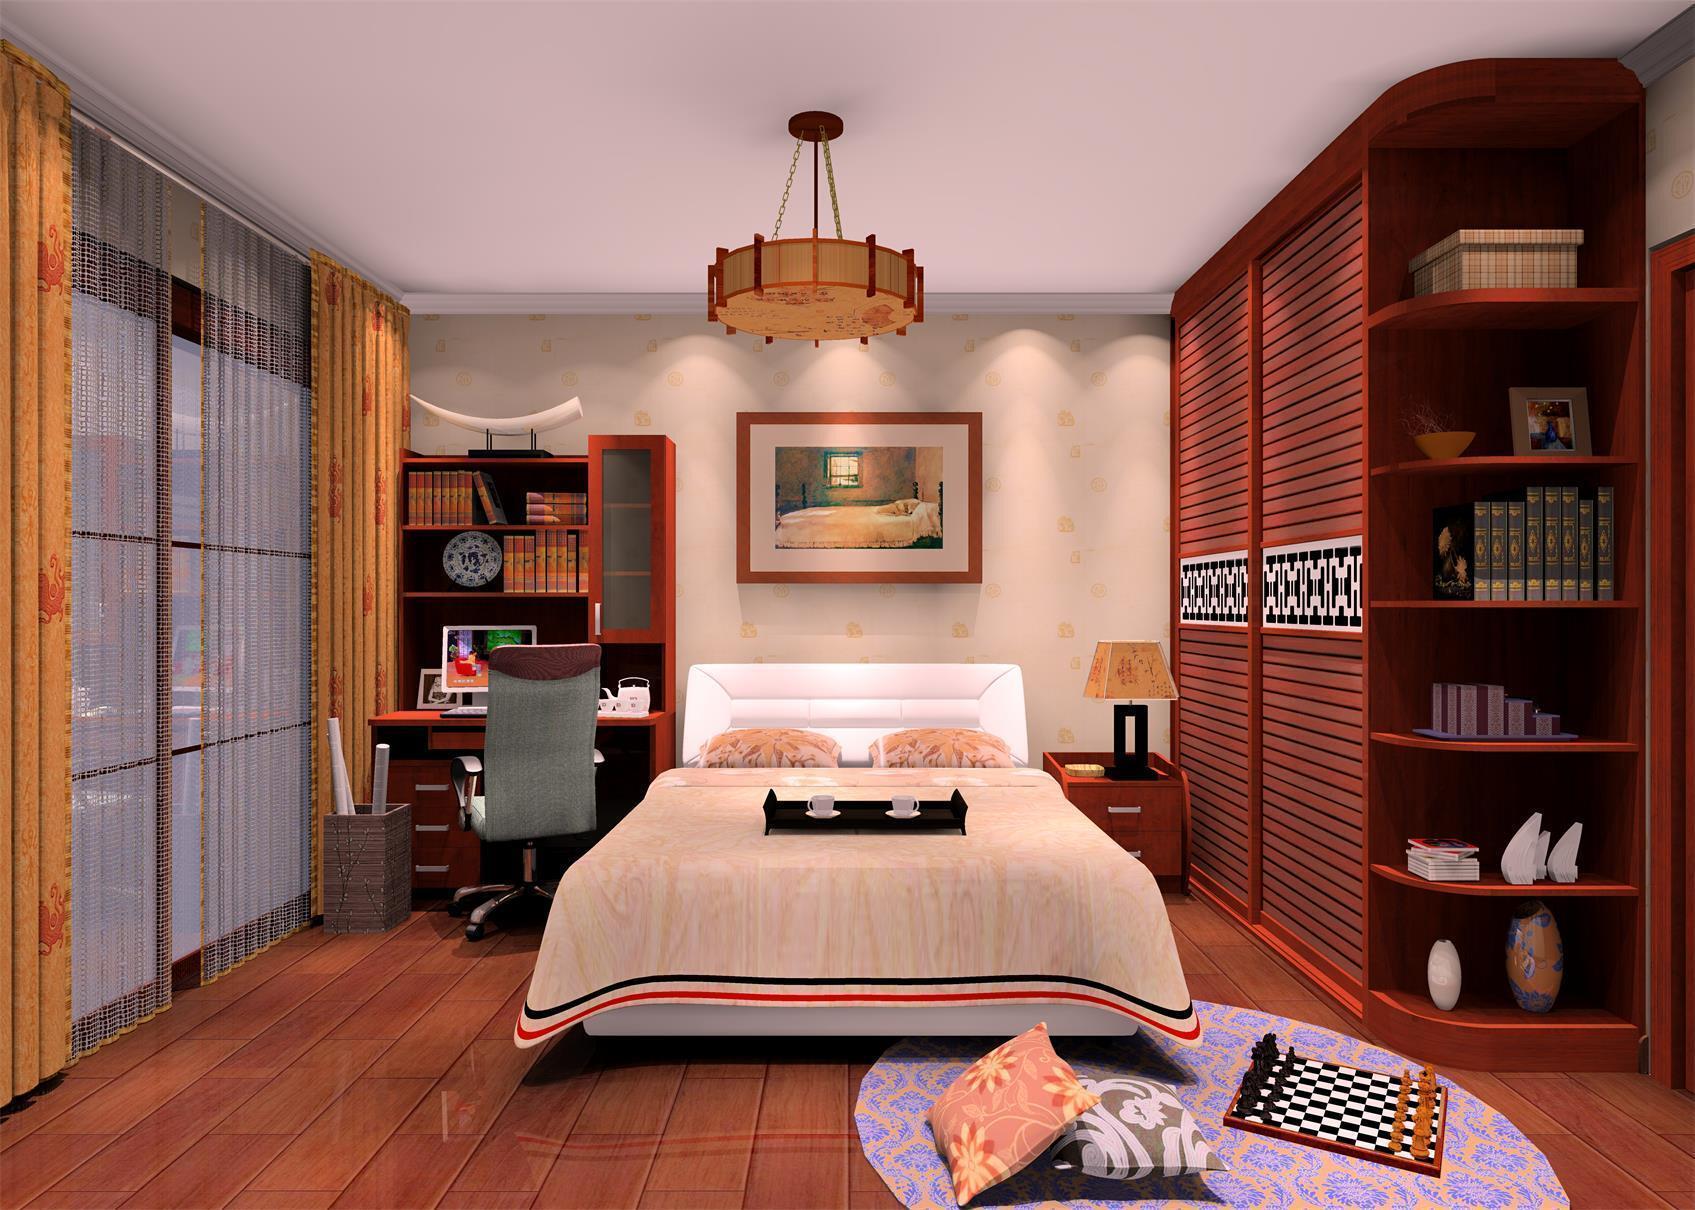 实木颗粒板板式家具?首选全屋家具定制品牌迈拓家具图片